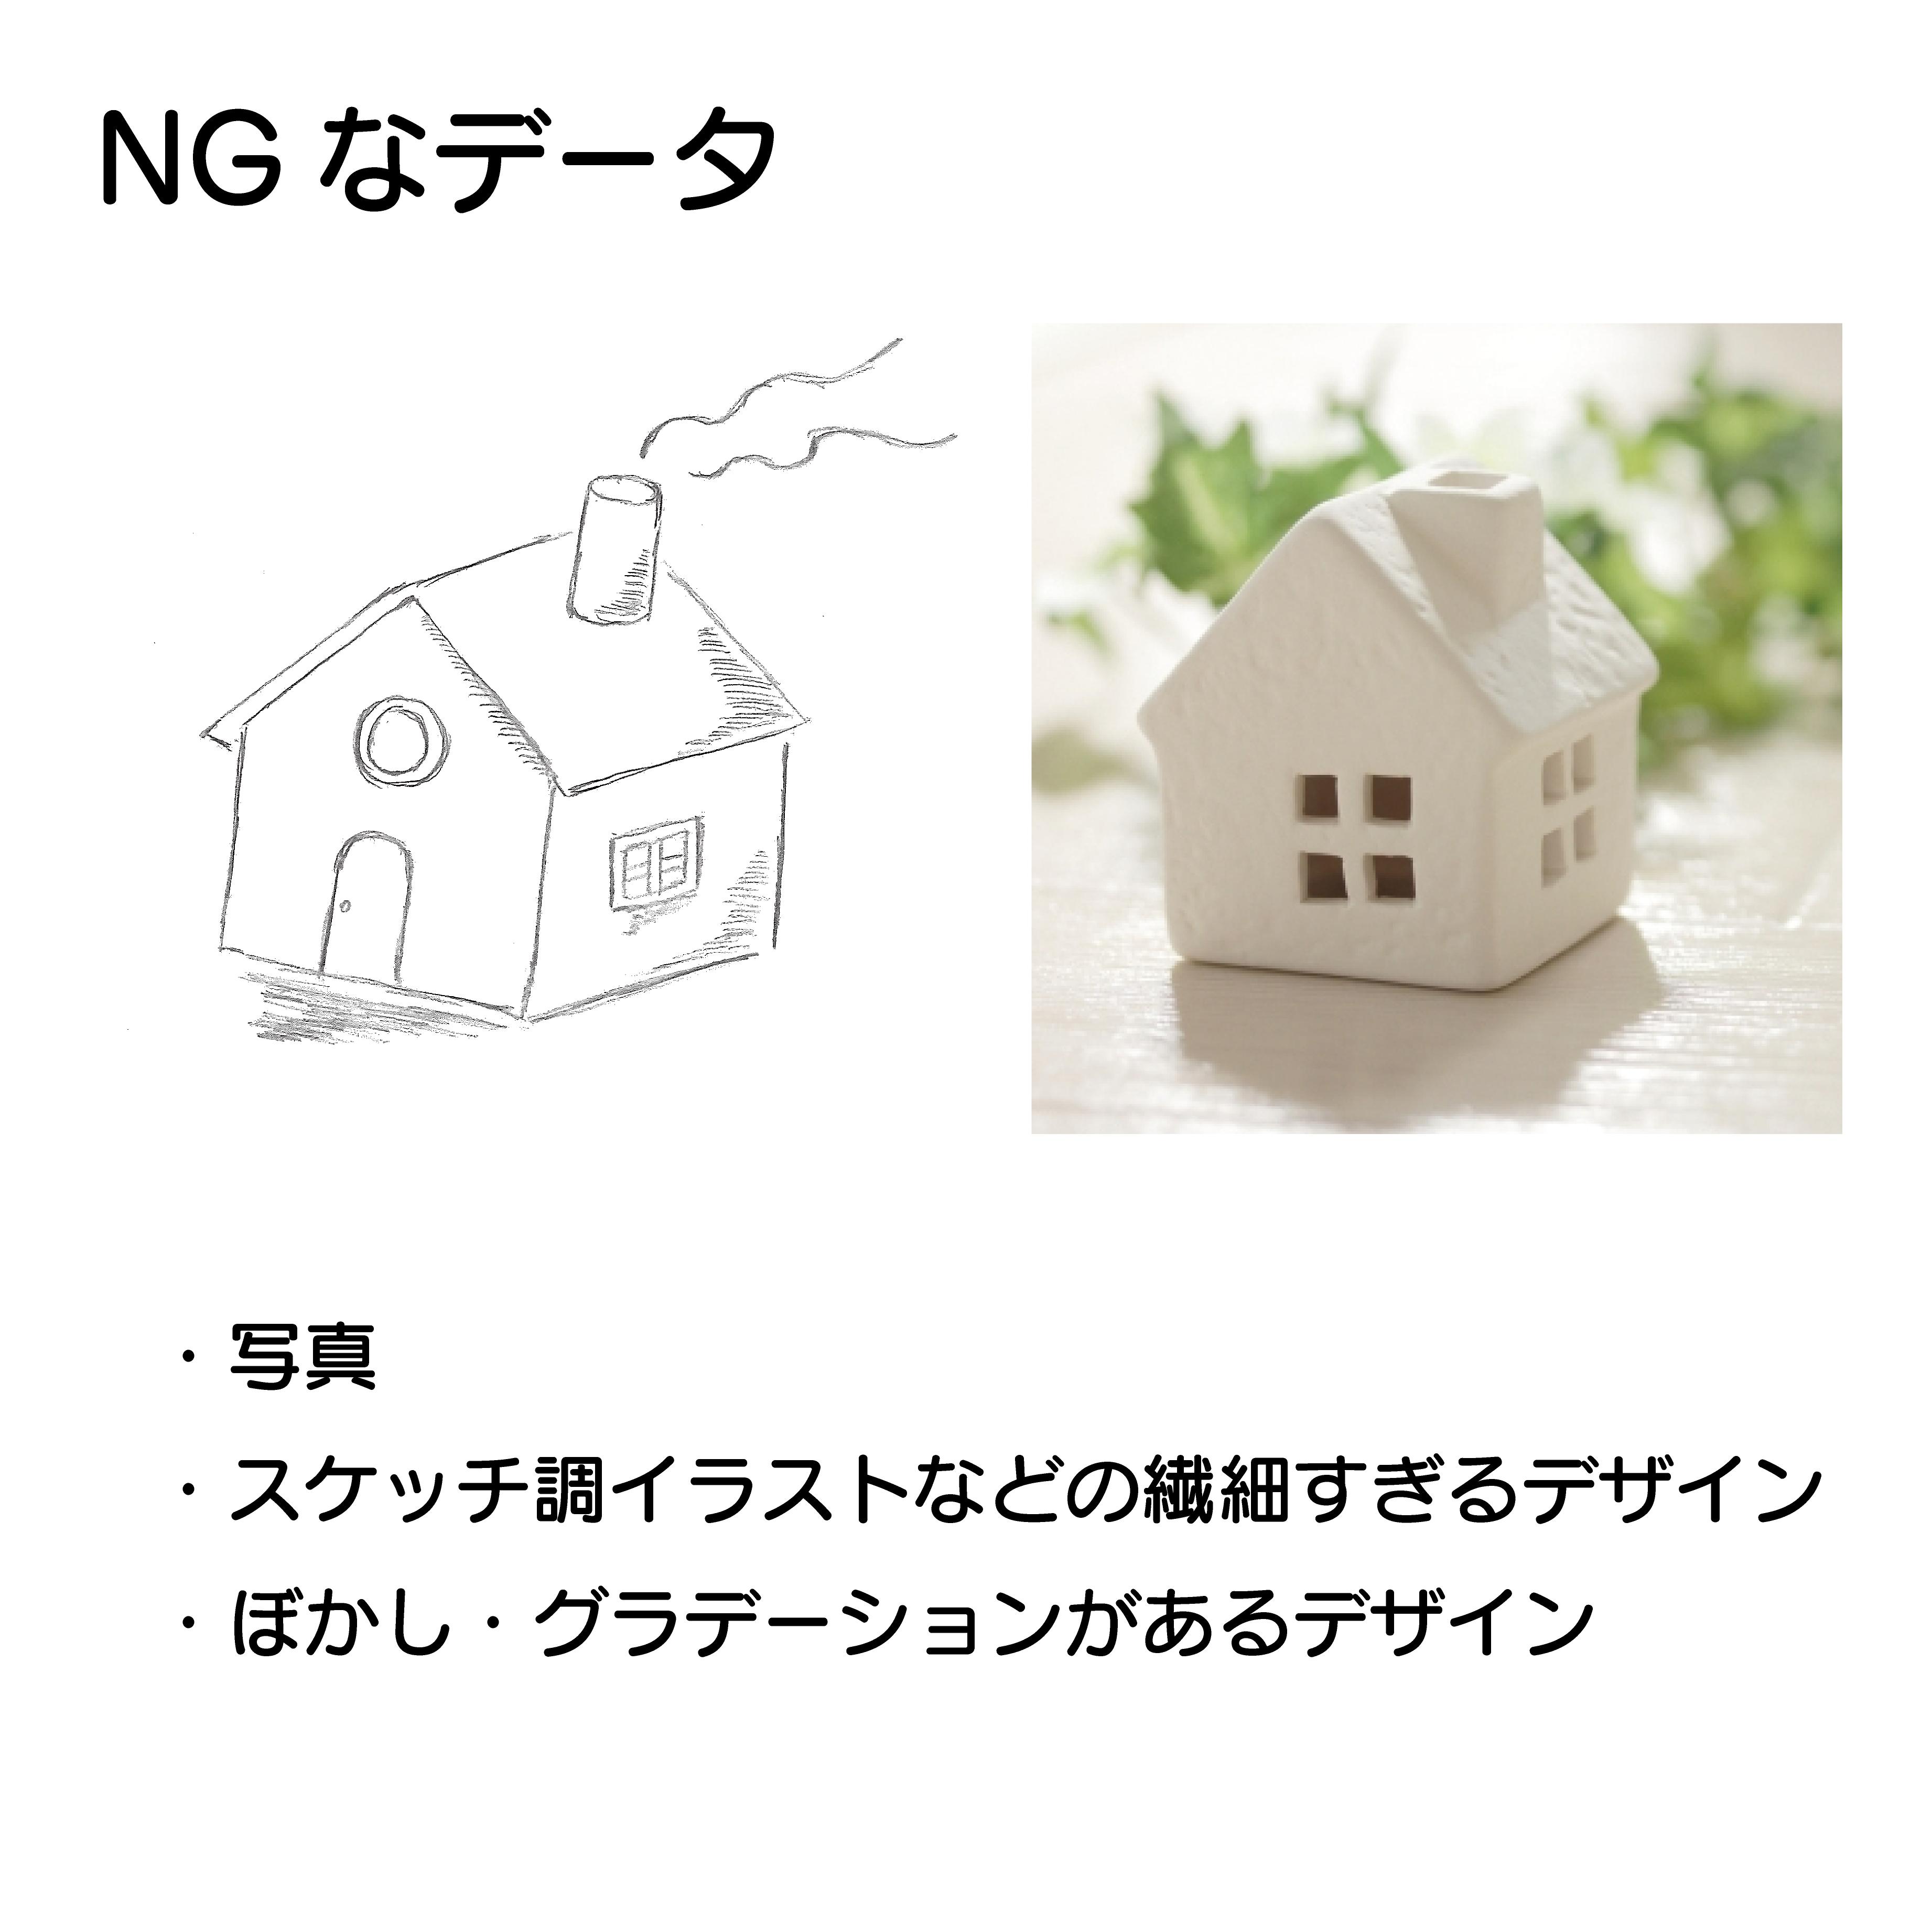 刺繍データ作成体験トートバッグ(小)込み(1,980円税込)